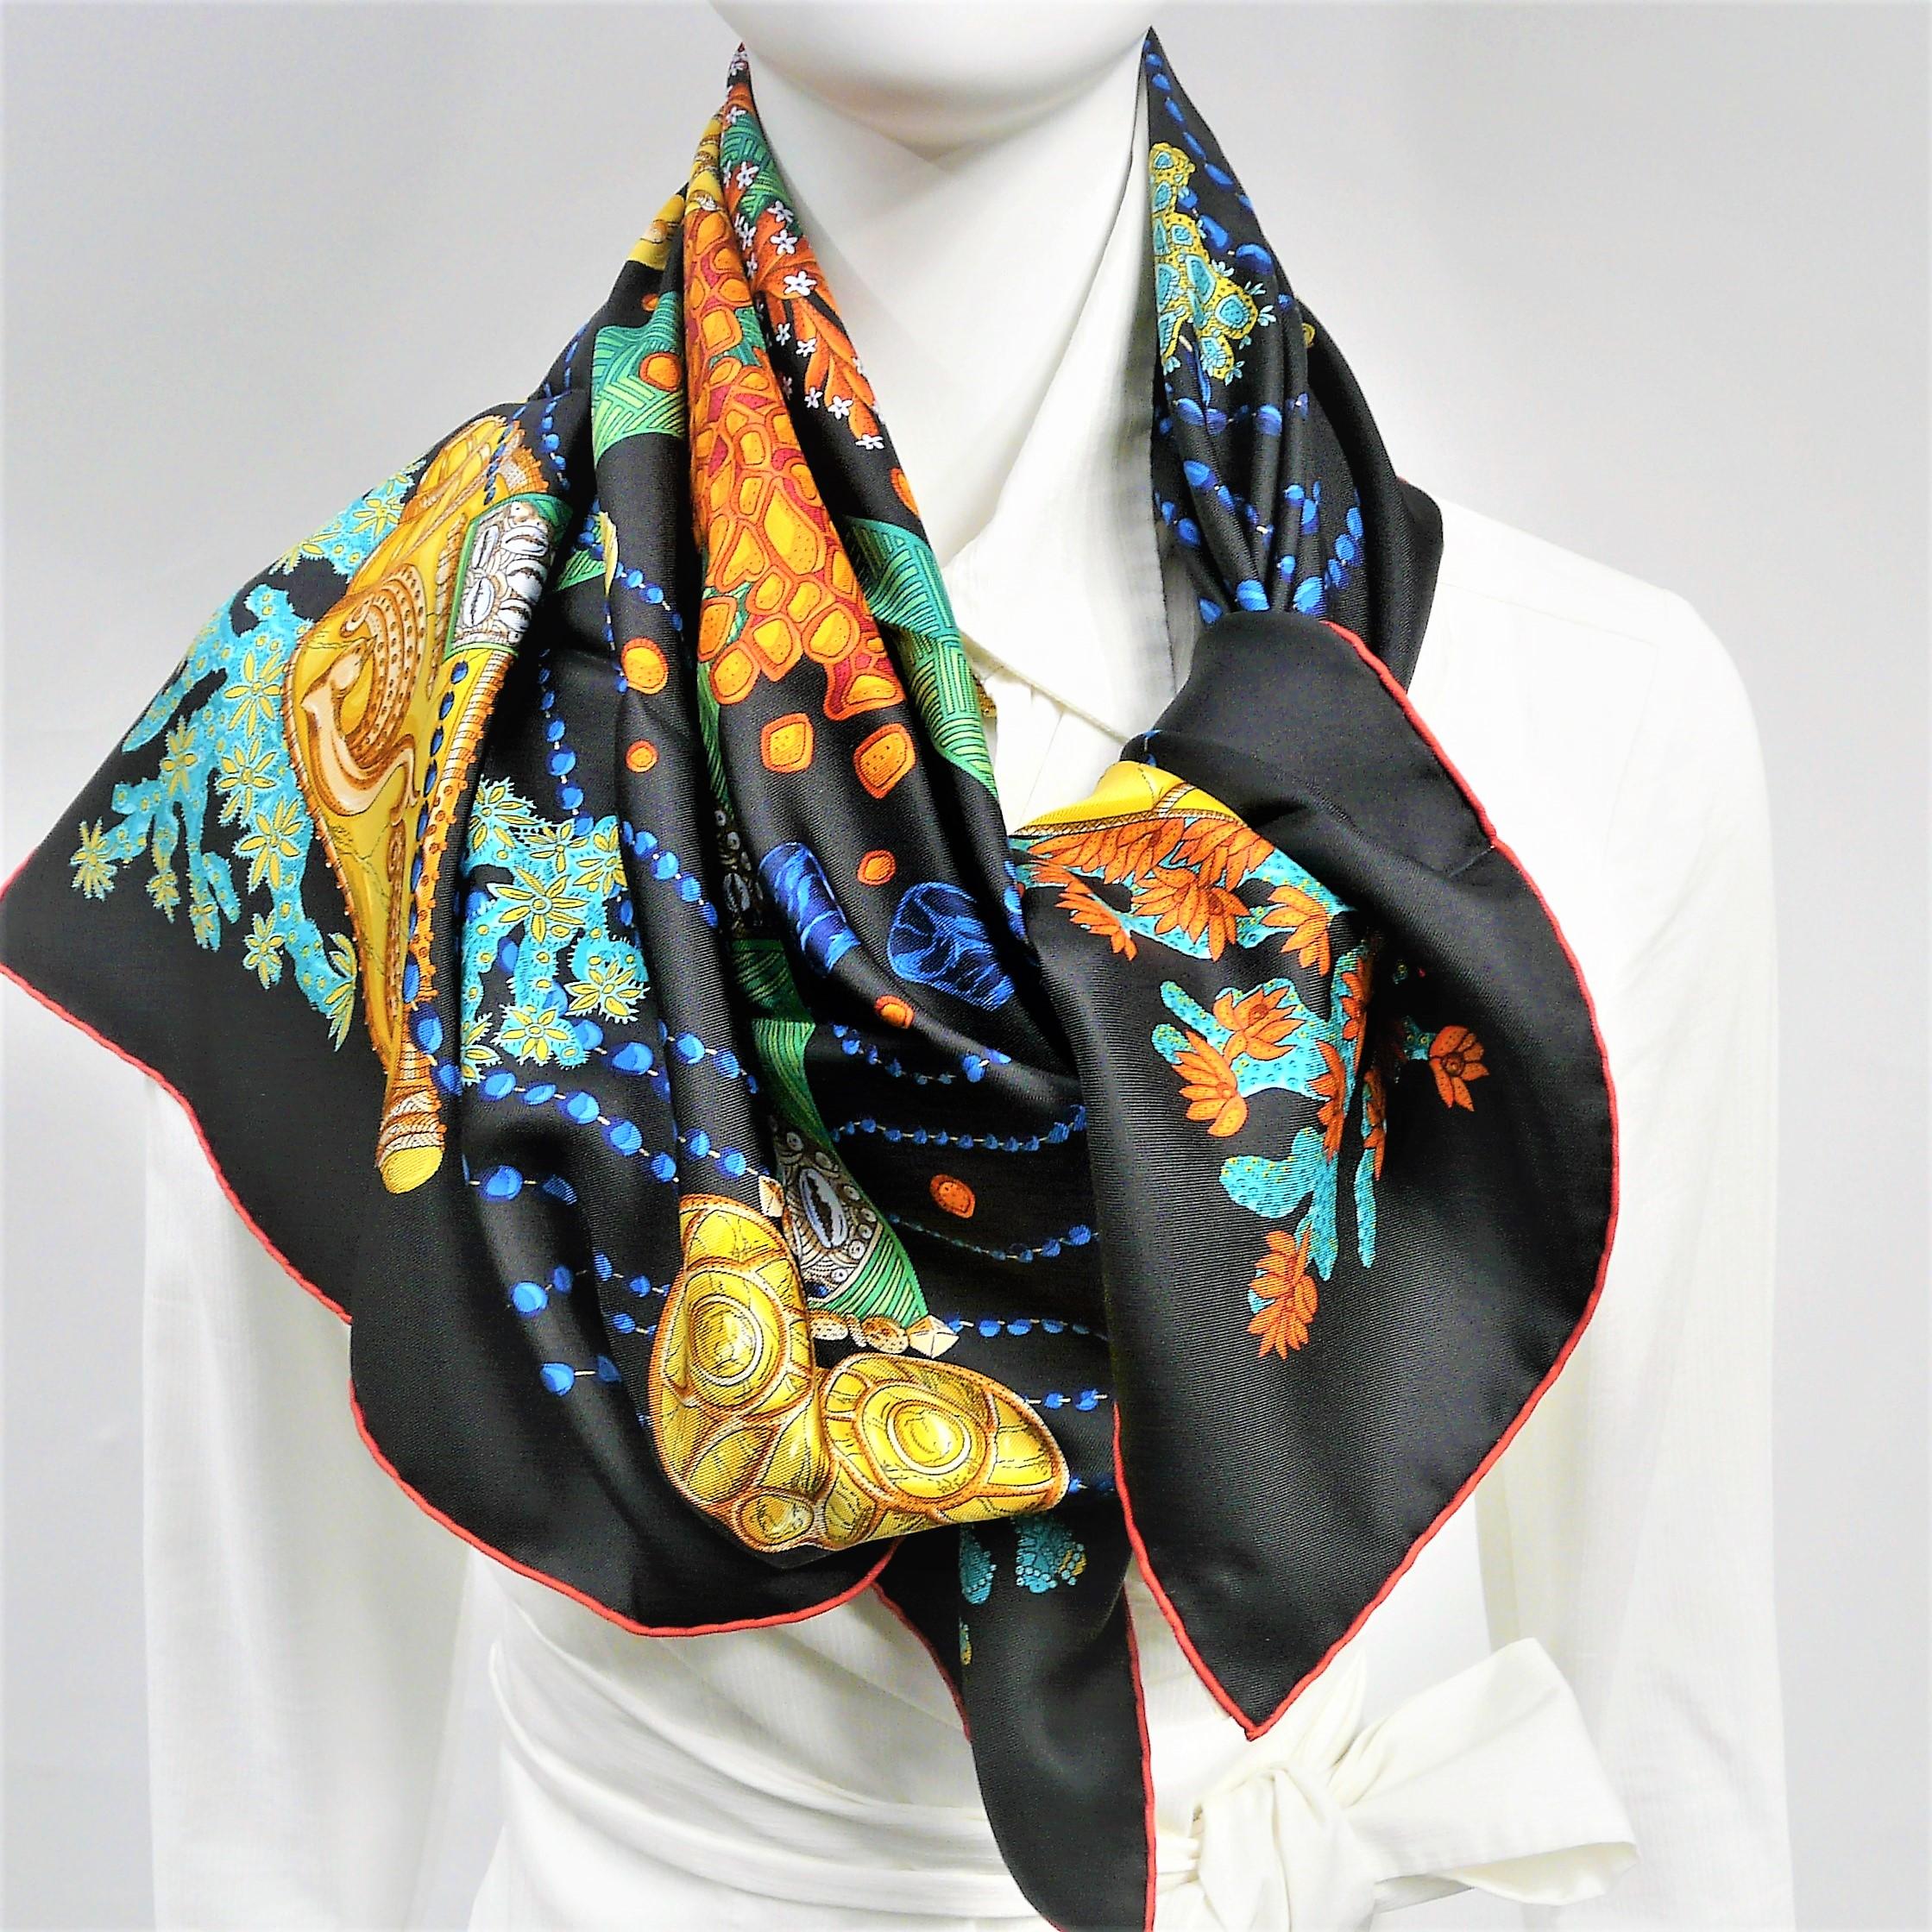 chemins-de-corail-hermes-paris-silk-scarf-nib-3